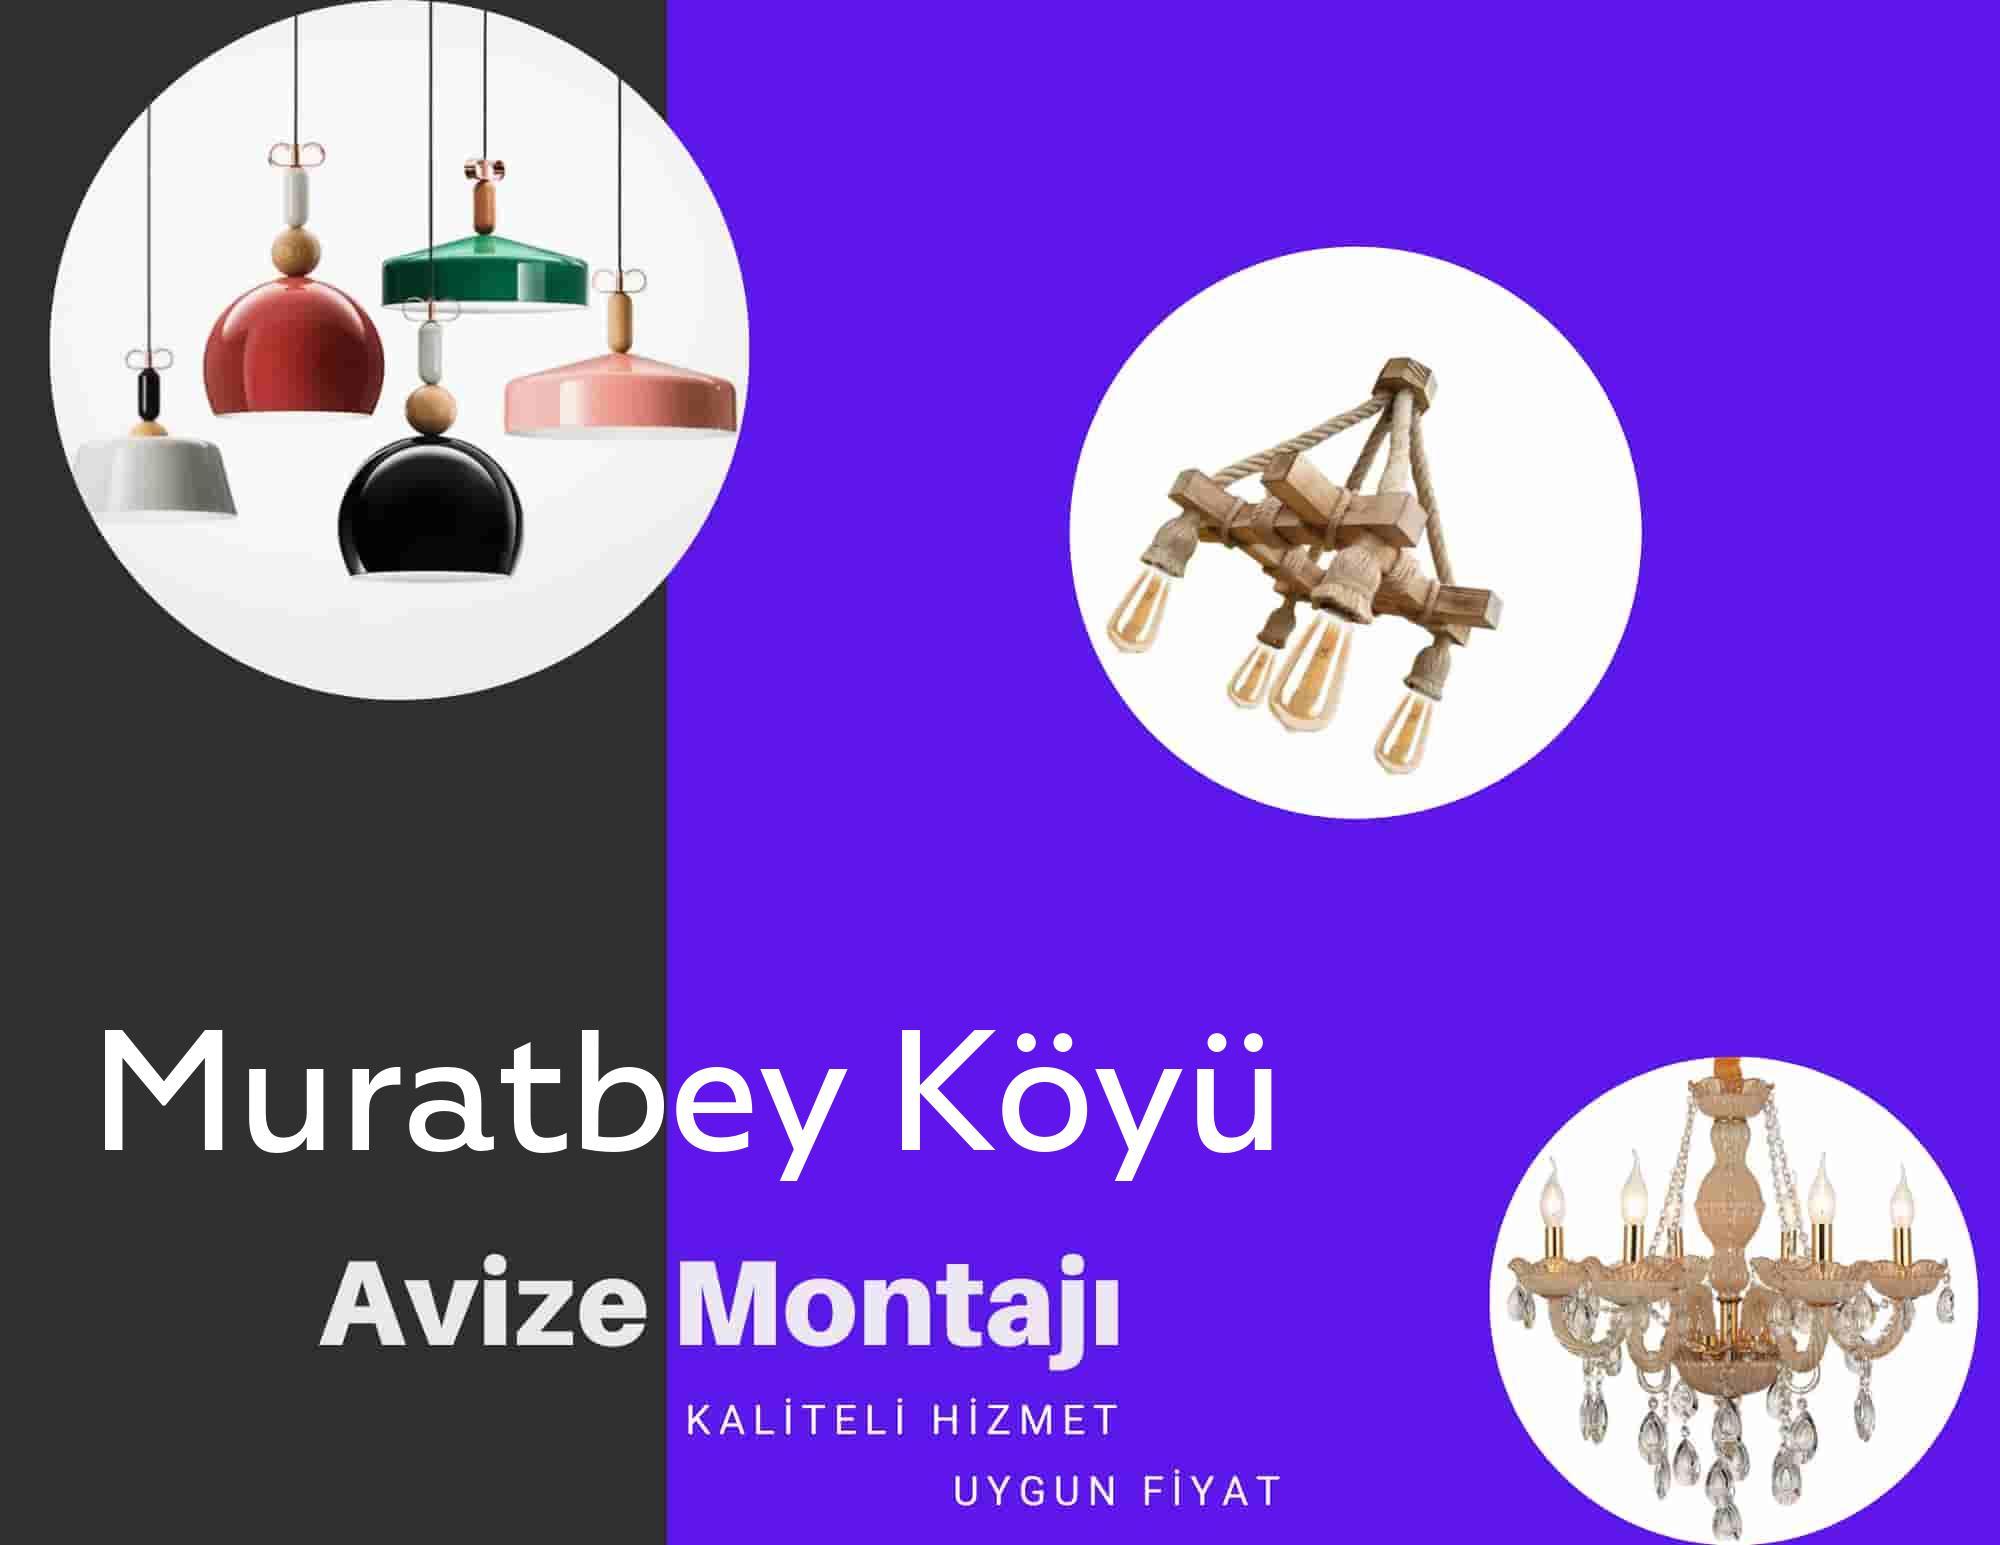 Muratbey Köyüde avize montajı yapan yerler arıyorsanız elektrikcicagir anında size profesyonel avize montajı ustasını yönlendirir.